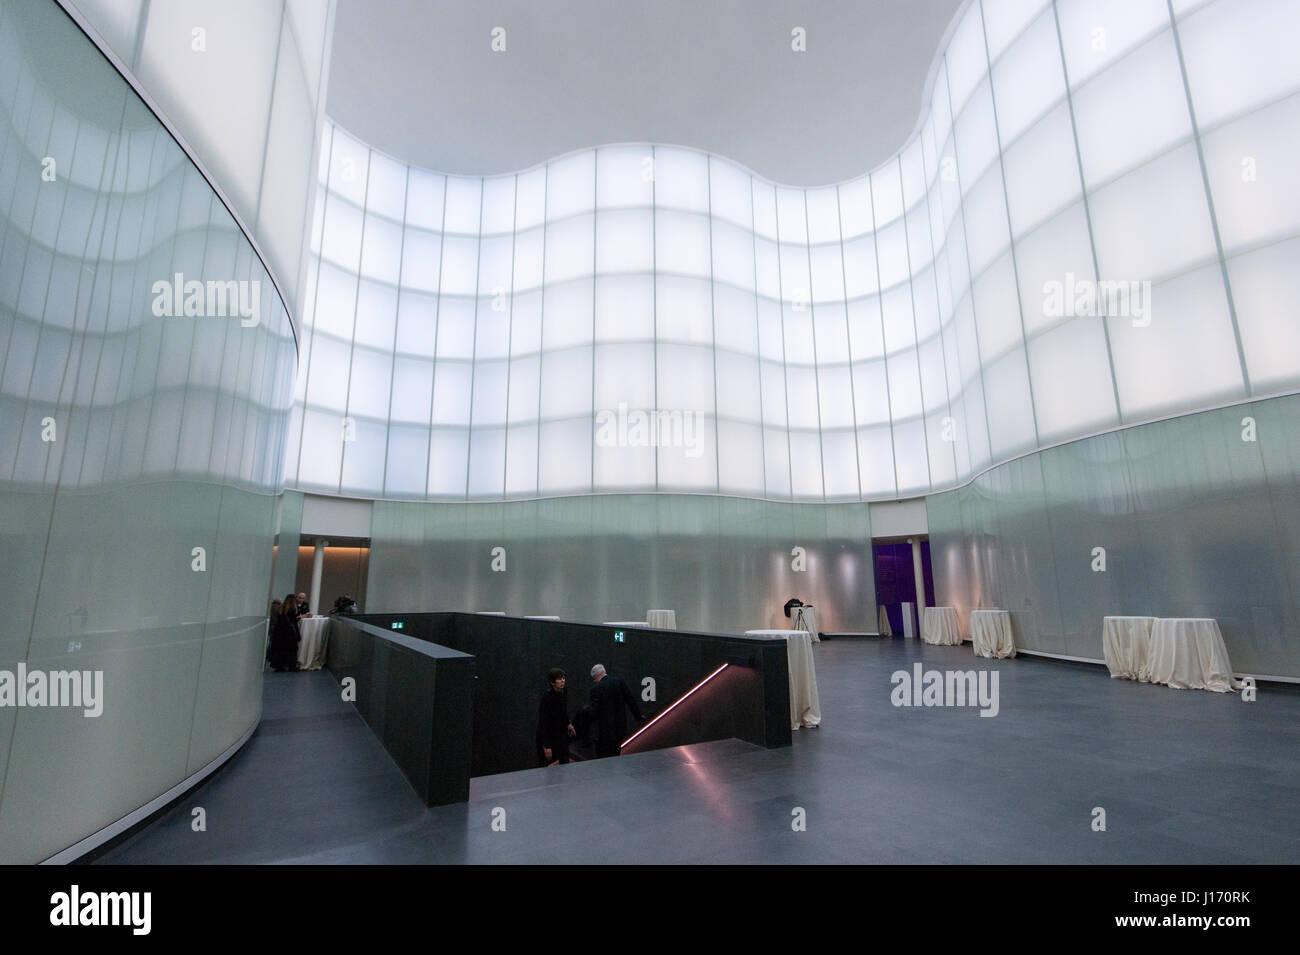 MUDEC - Musée des Cultures à Milan, conçu par David Chipperfield Architects - couverts vitrage plaza Photo Stock